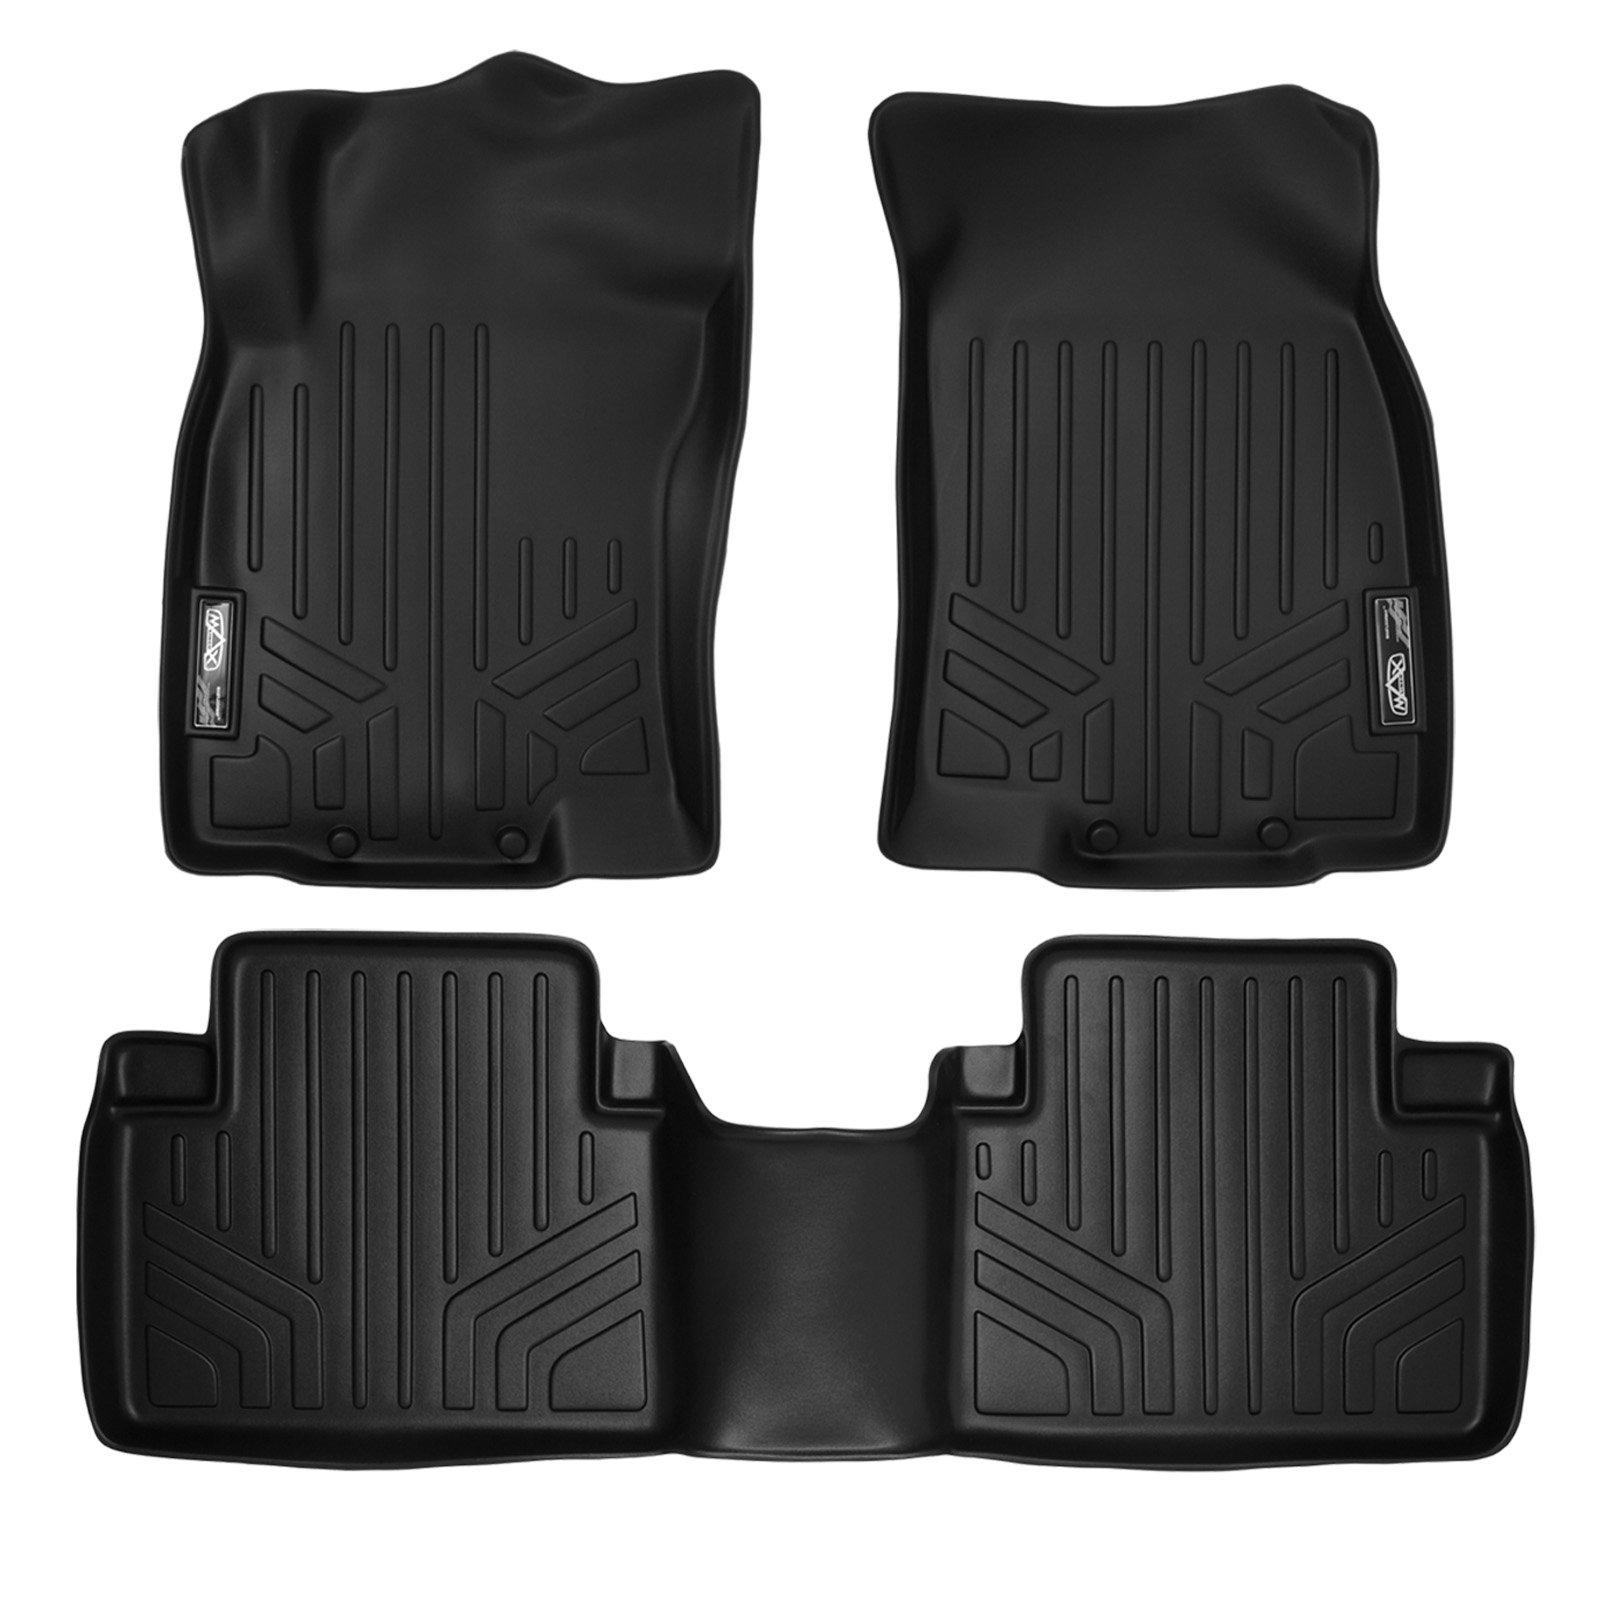 MAX LINER A0151/B0151 Custom Fit Floor Mats 2 Row Liner Set Black for 2014-2019 Nissan (Rogue Sport or Select Models)